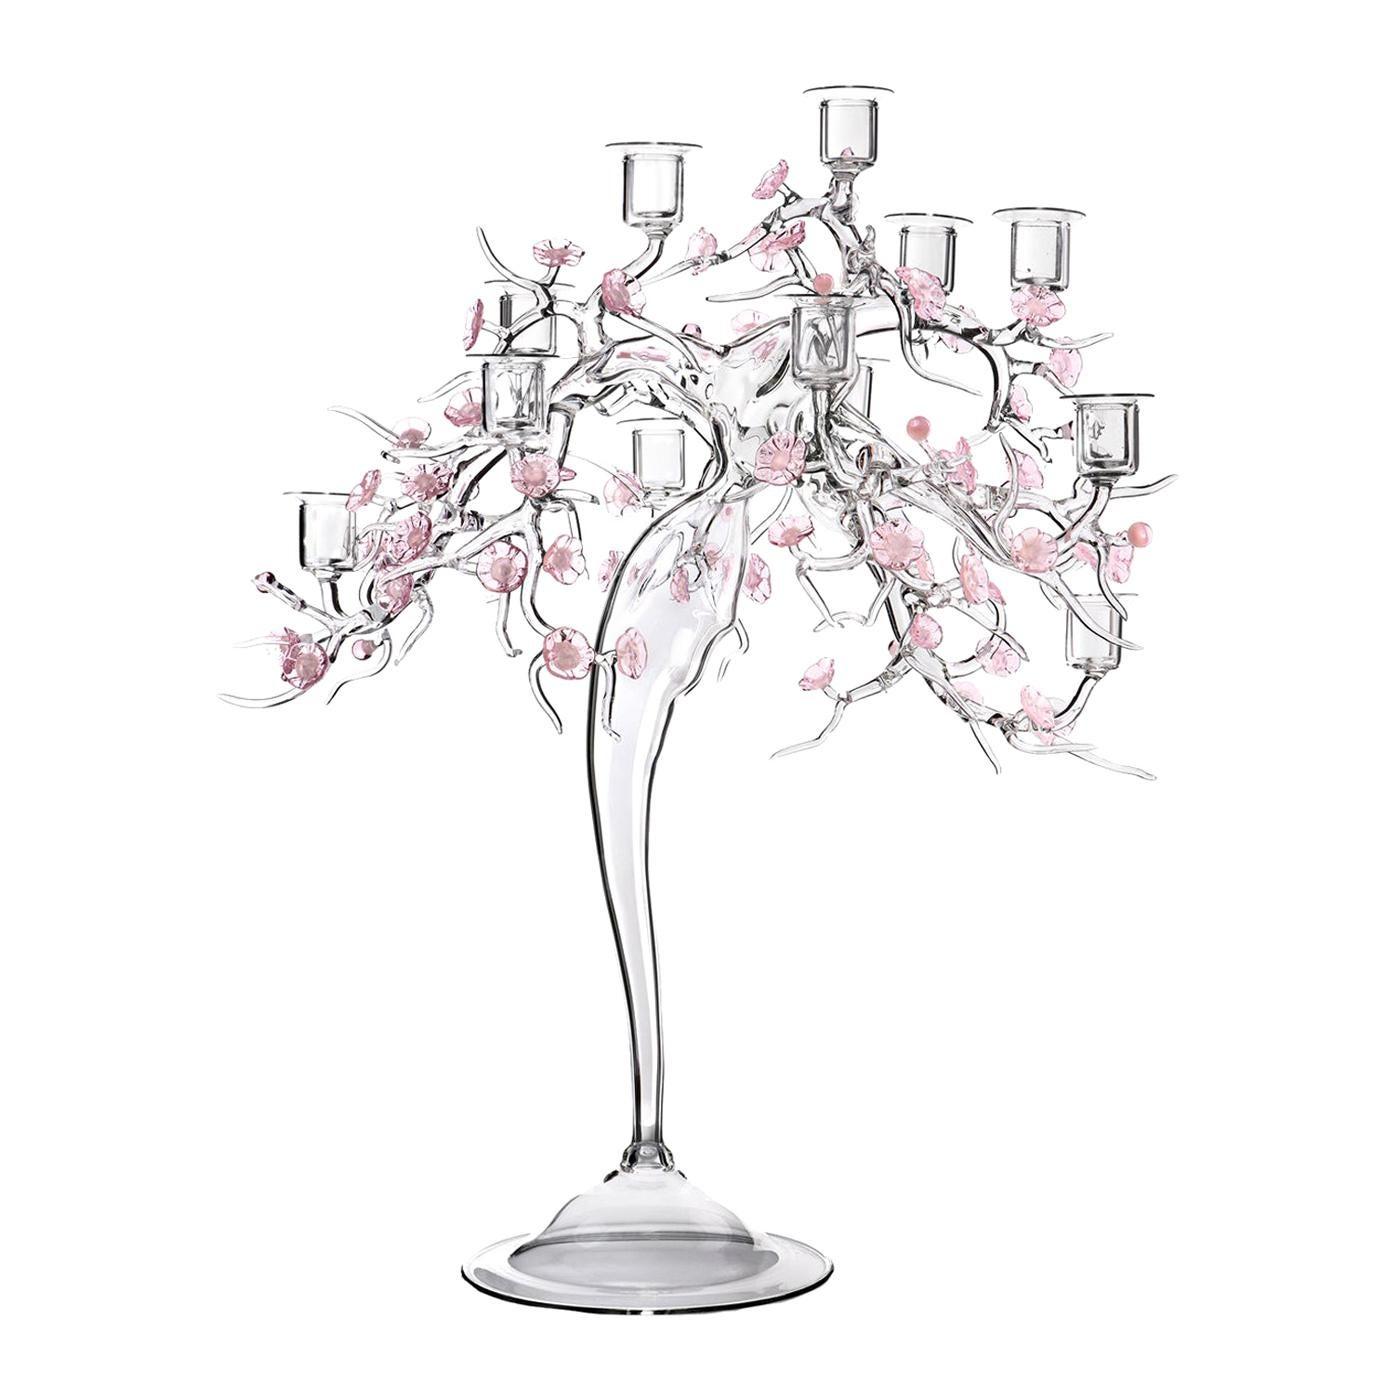 Blossom 12-Light Candelabra by Simone Crestani